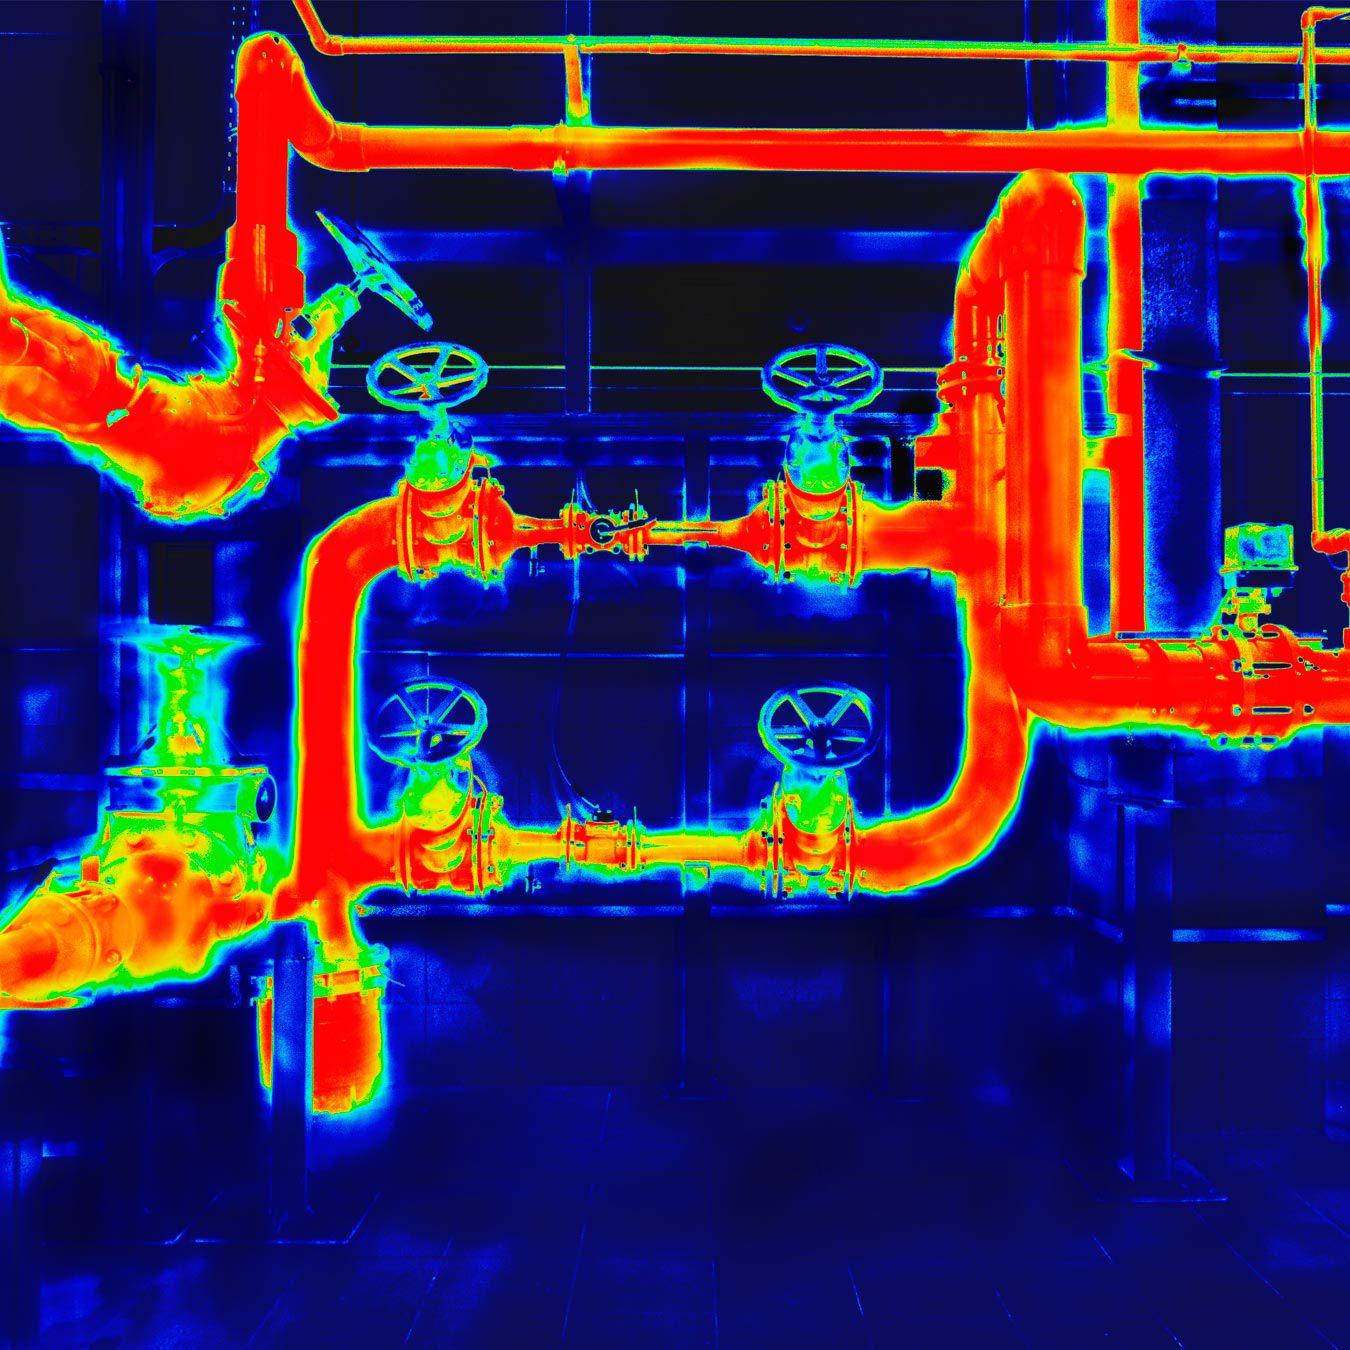 Análise Térmica: Fundamentos e Aplicações  - PUC Minas